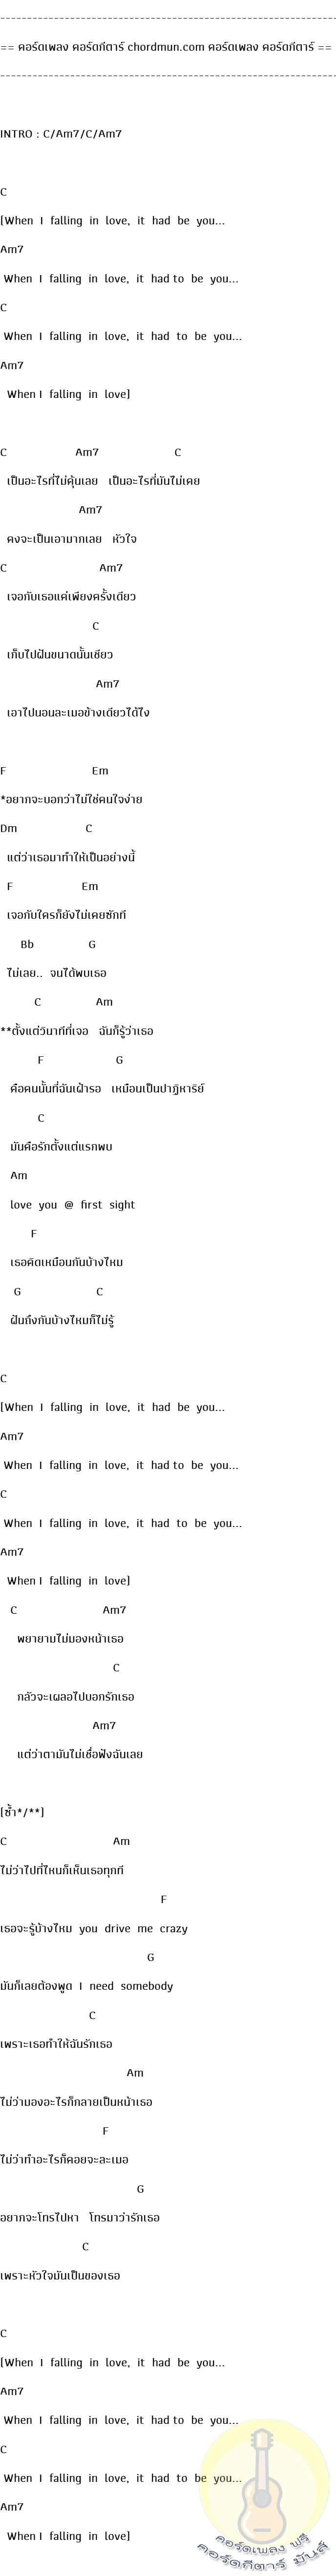 คอร์ดกีตาร์ ง่าย  เพลง Love@First Sight